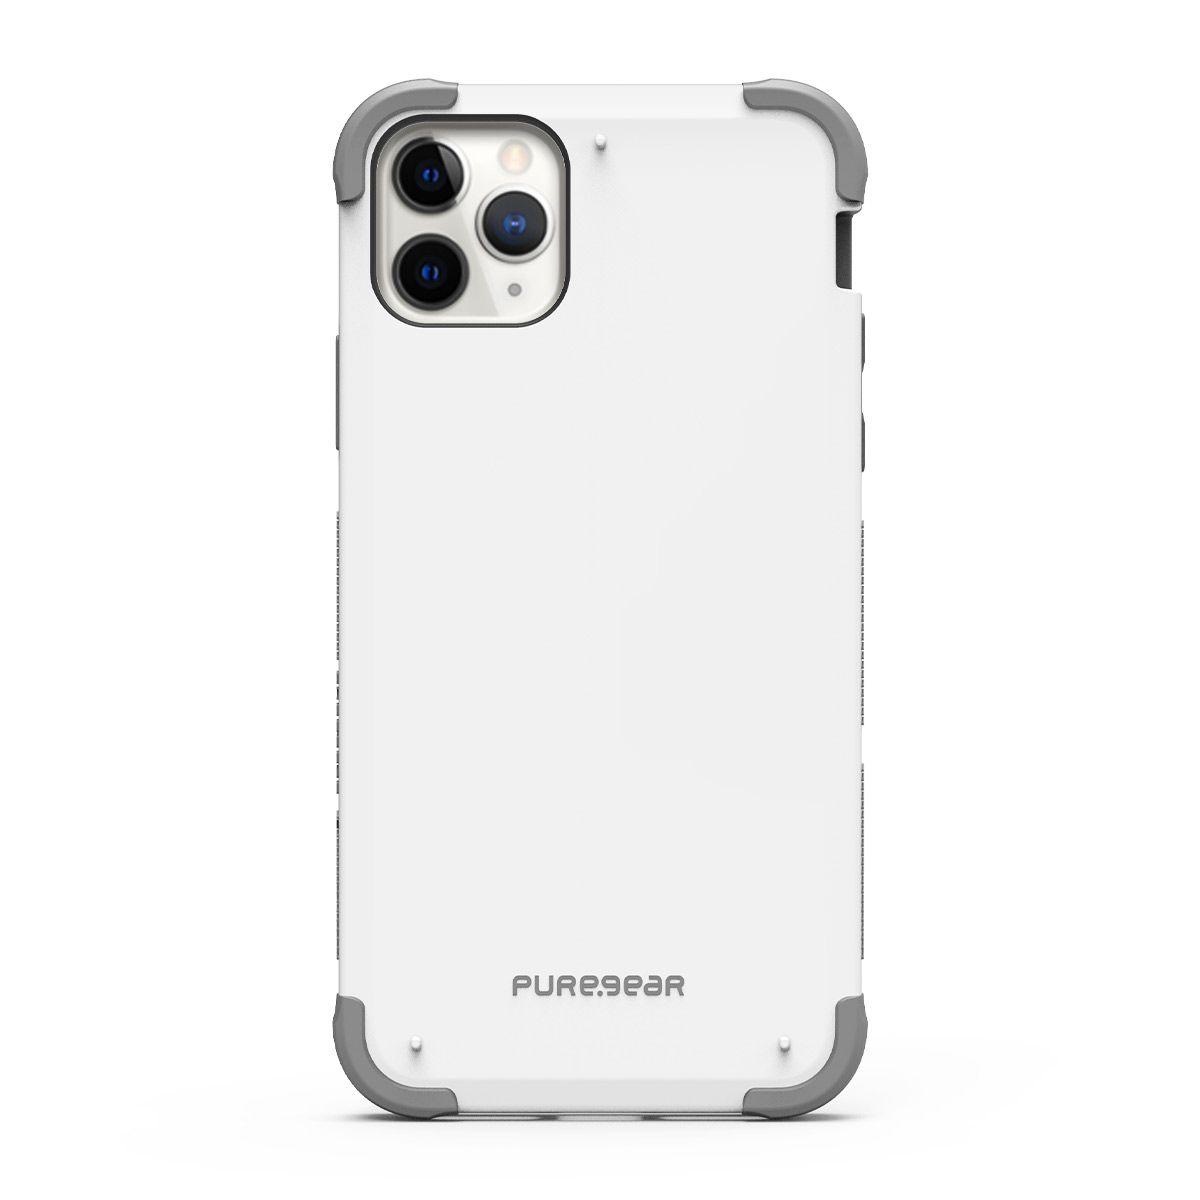 Apple iPhone 11 Pro Max Dualtek Arctic White